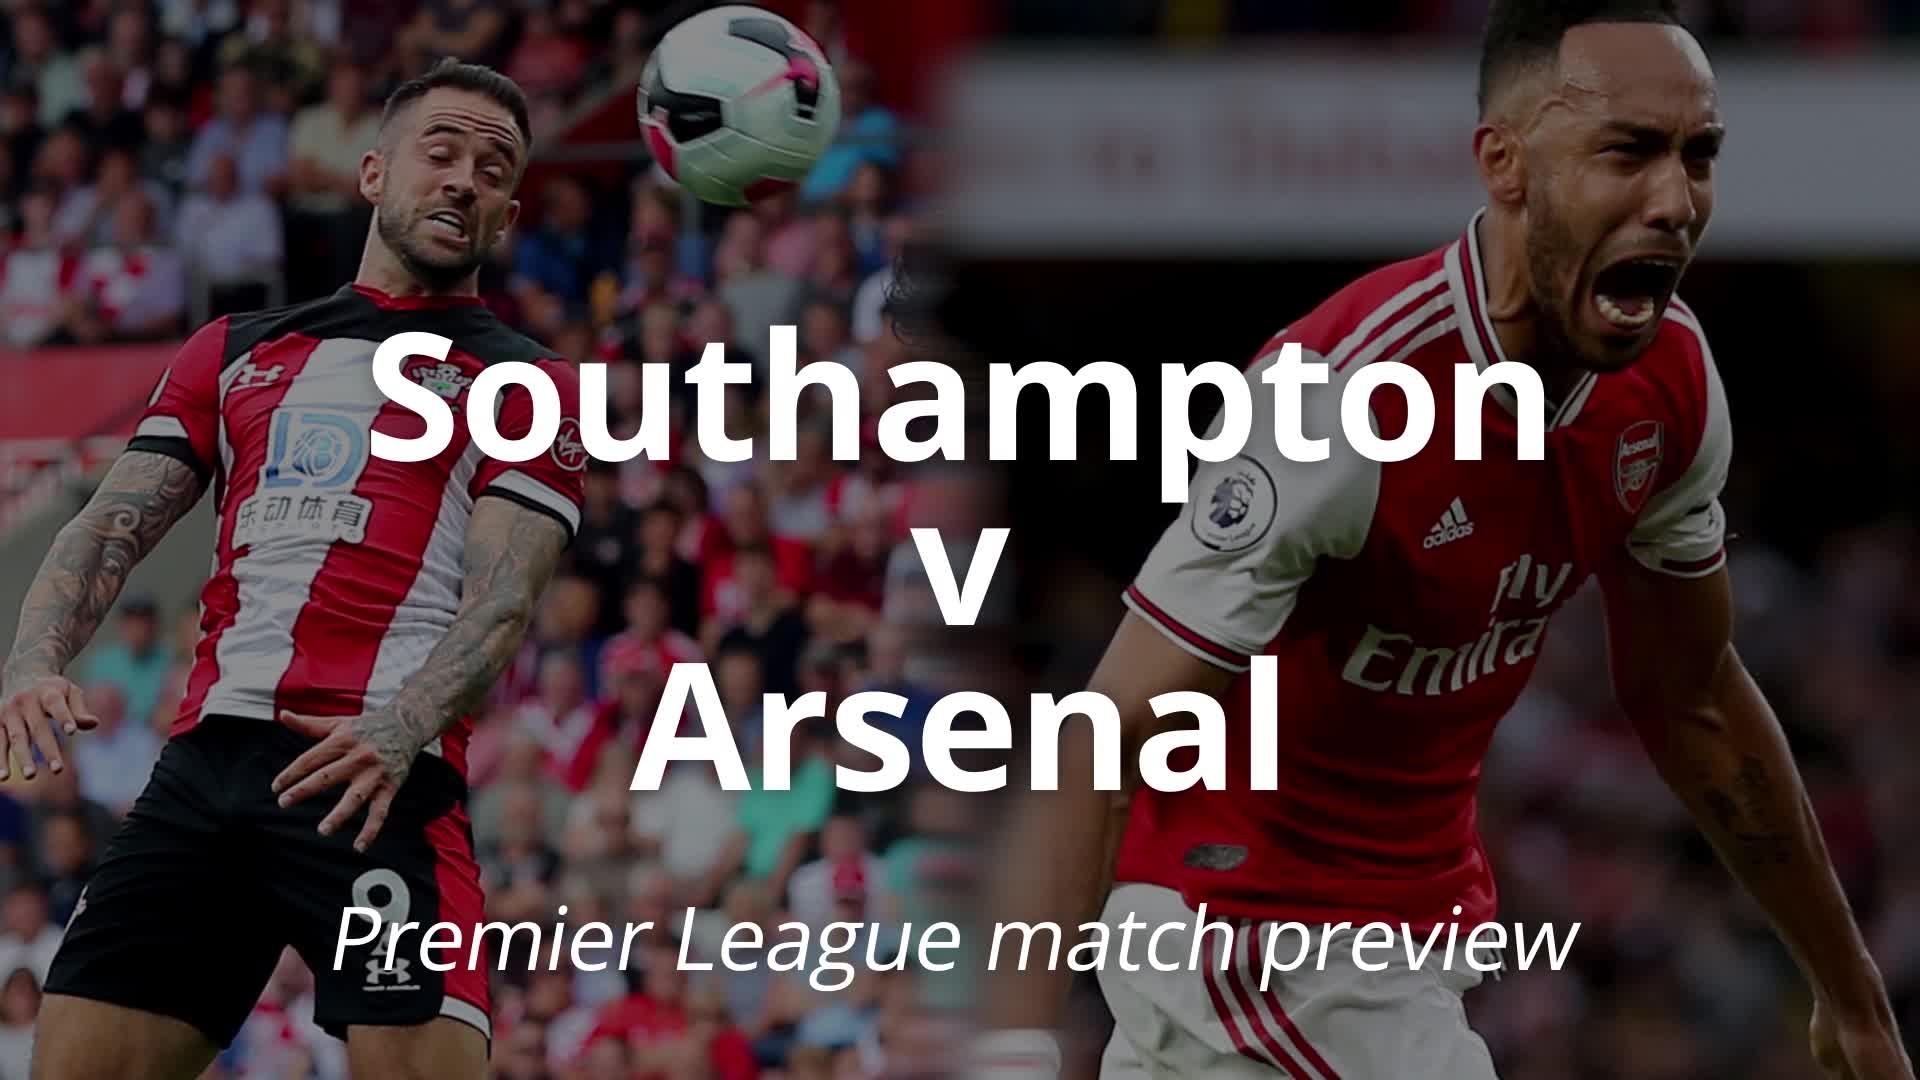 Premier League match preview: Southampton v Arsenal